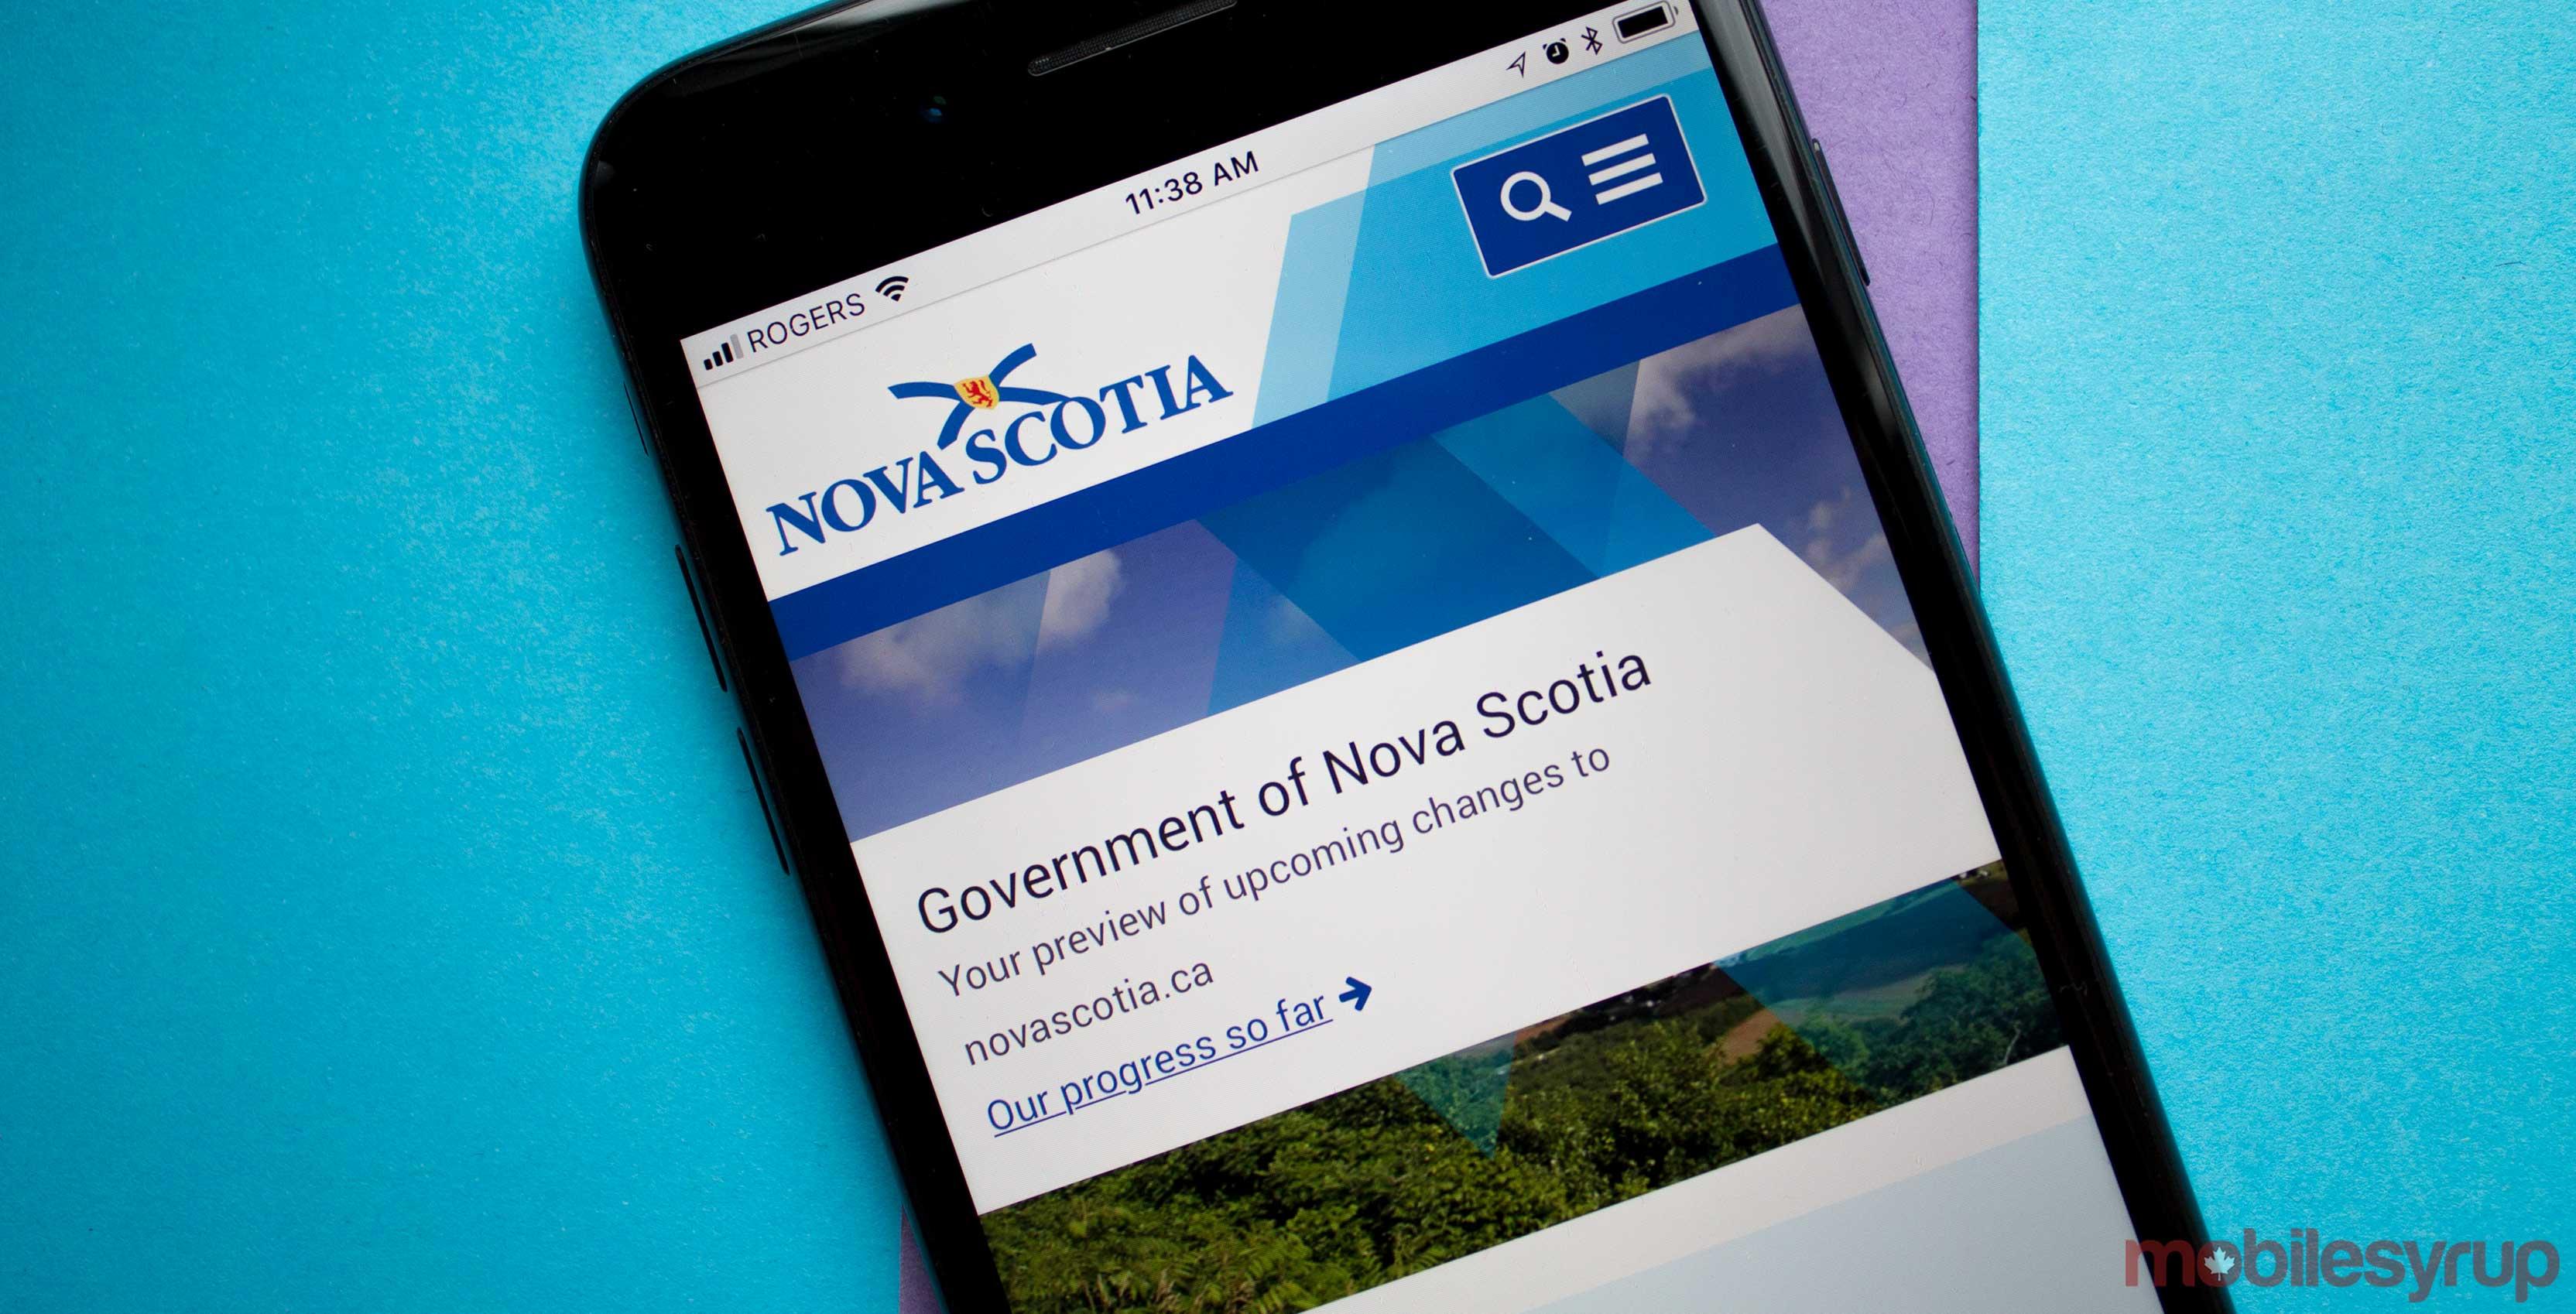 a photo of the government of nova scotia's website